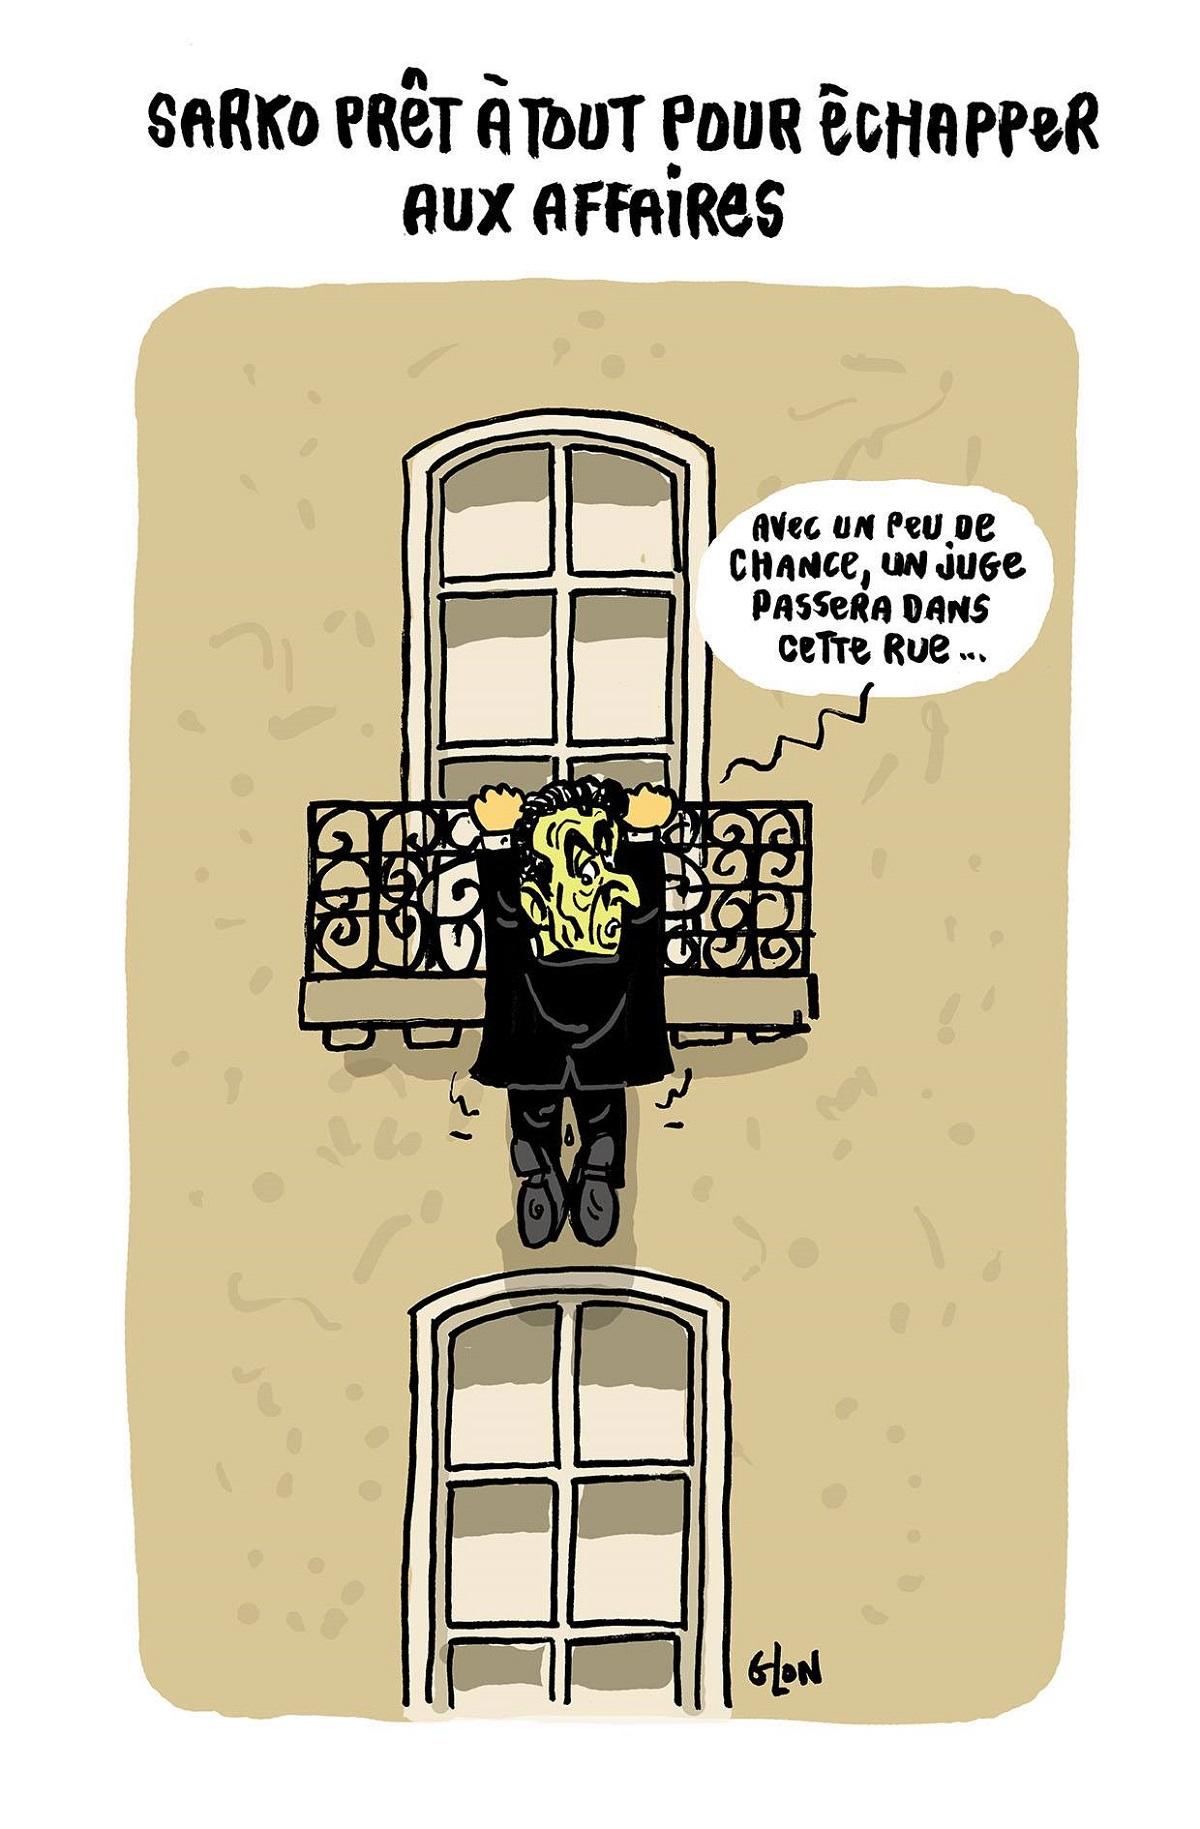 dessin d'actualité humoristique de Nicoas Sarkozy suspendu à un balcon en espérant échapper aux affaires